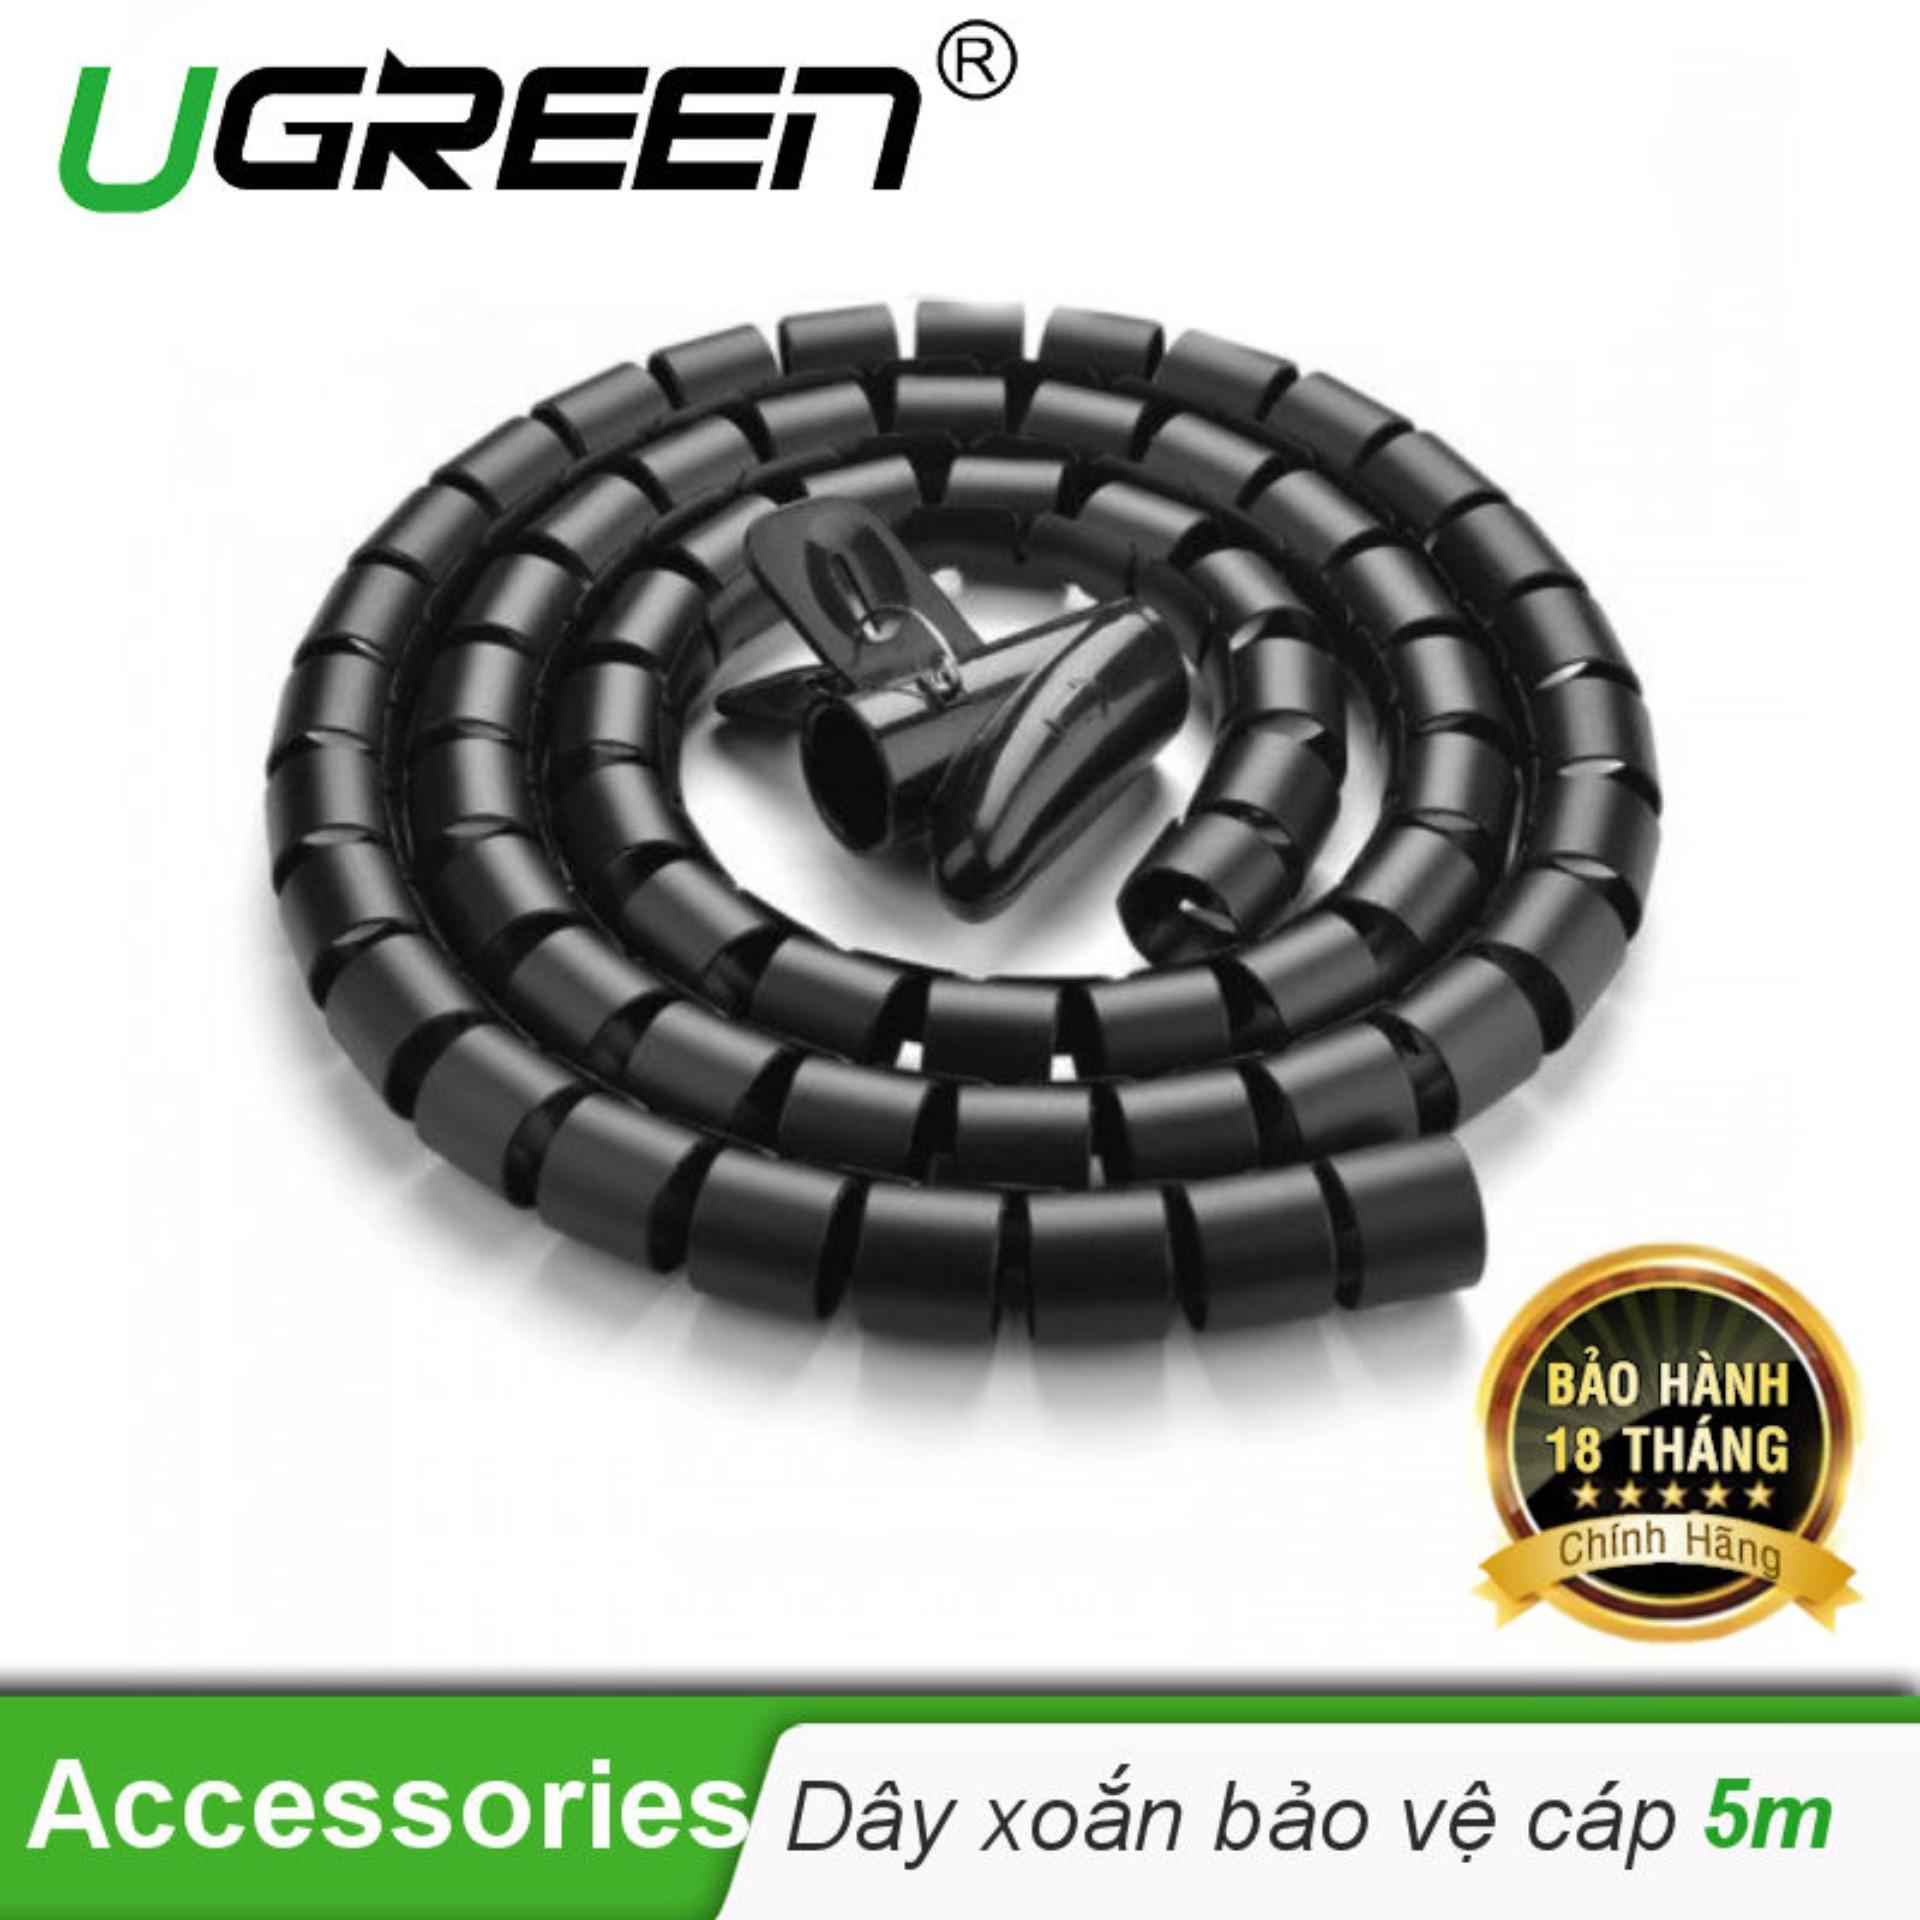 Dây dạng ống xoắn PE bảo vệ các loại dây cáp dài 5m UGREEN LP121 30820 - Hãng phân phối chính thức